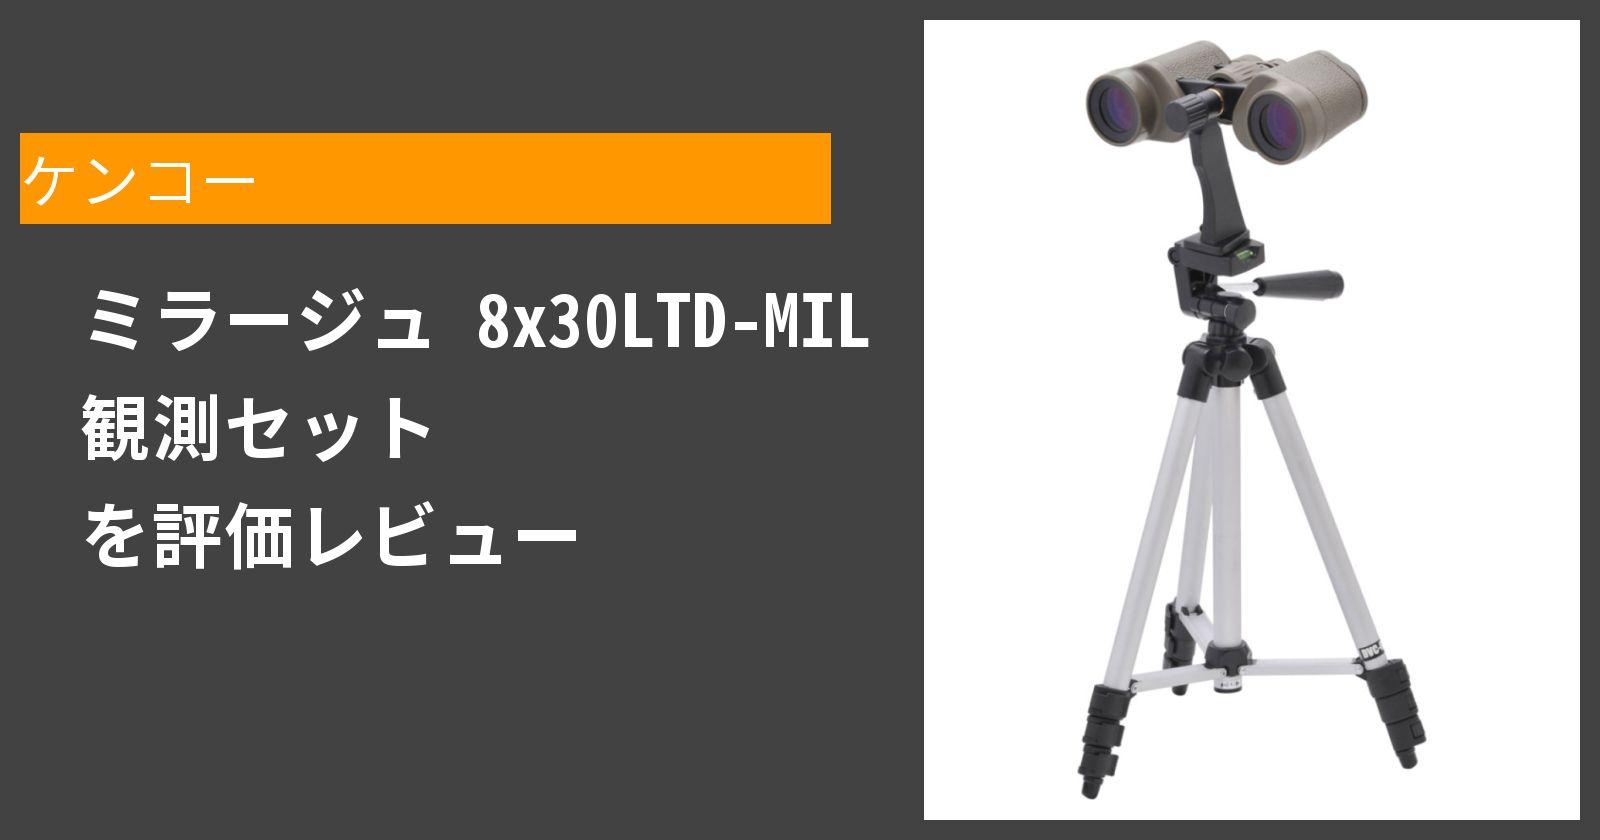 ミラージュ 8x30LTD-MIL 観測セットを徹底評価